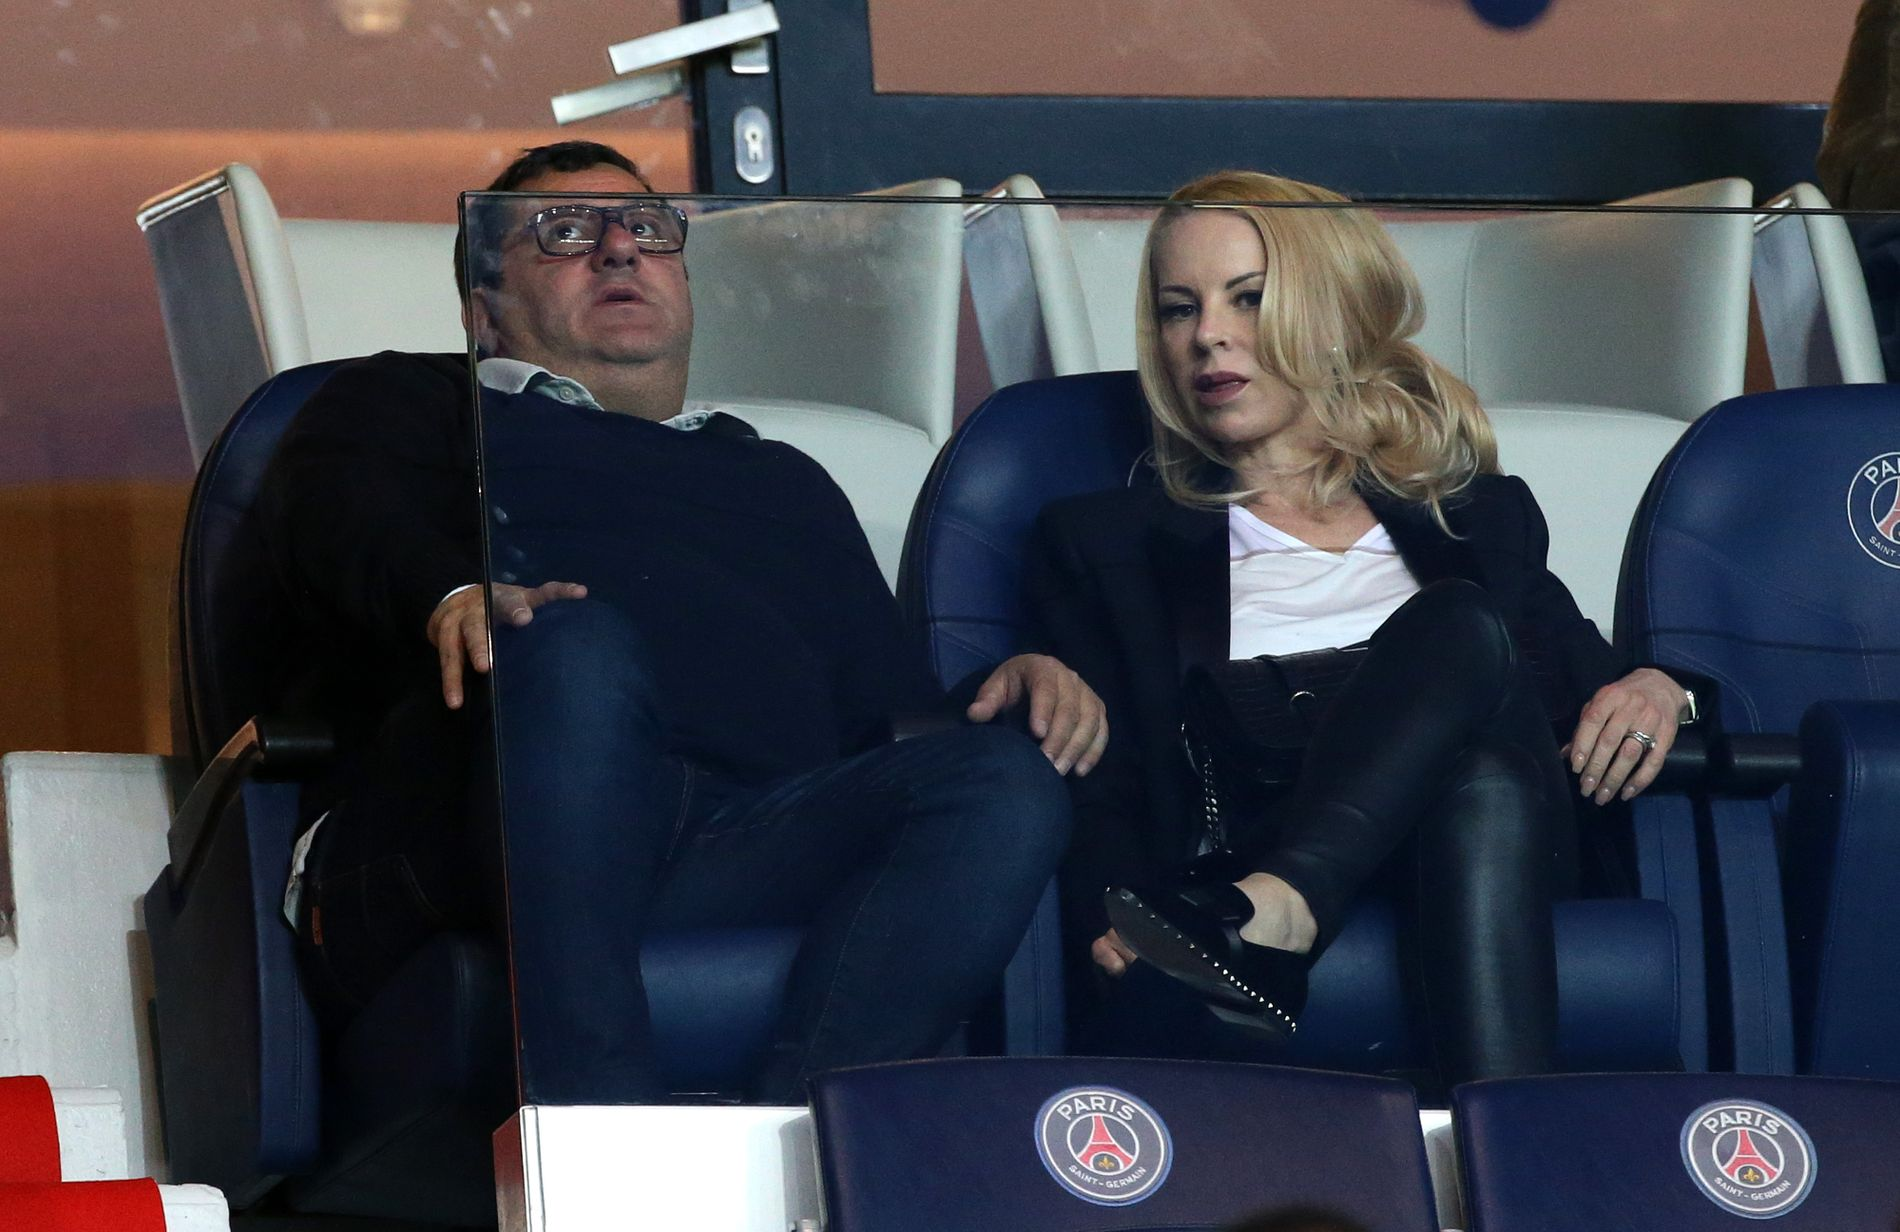 FERGUSONs «DRITTSEKK»: Mino Raiola på PSG-kamp i 2017, sammen med Zlatan Ibrahimovic' samboer Helena Seger.